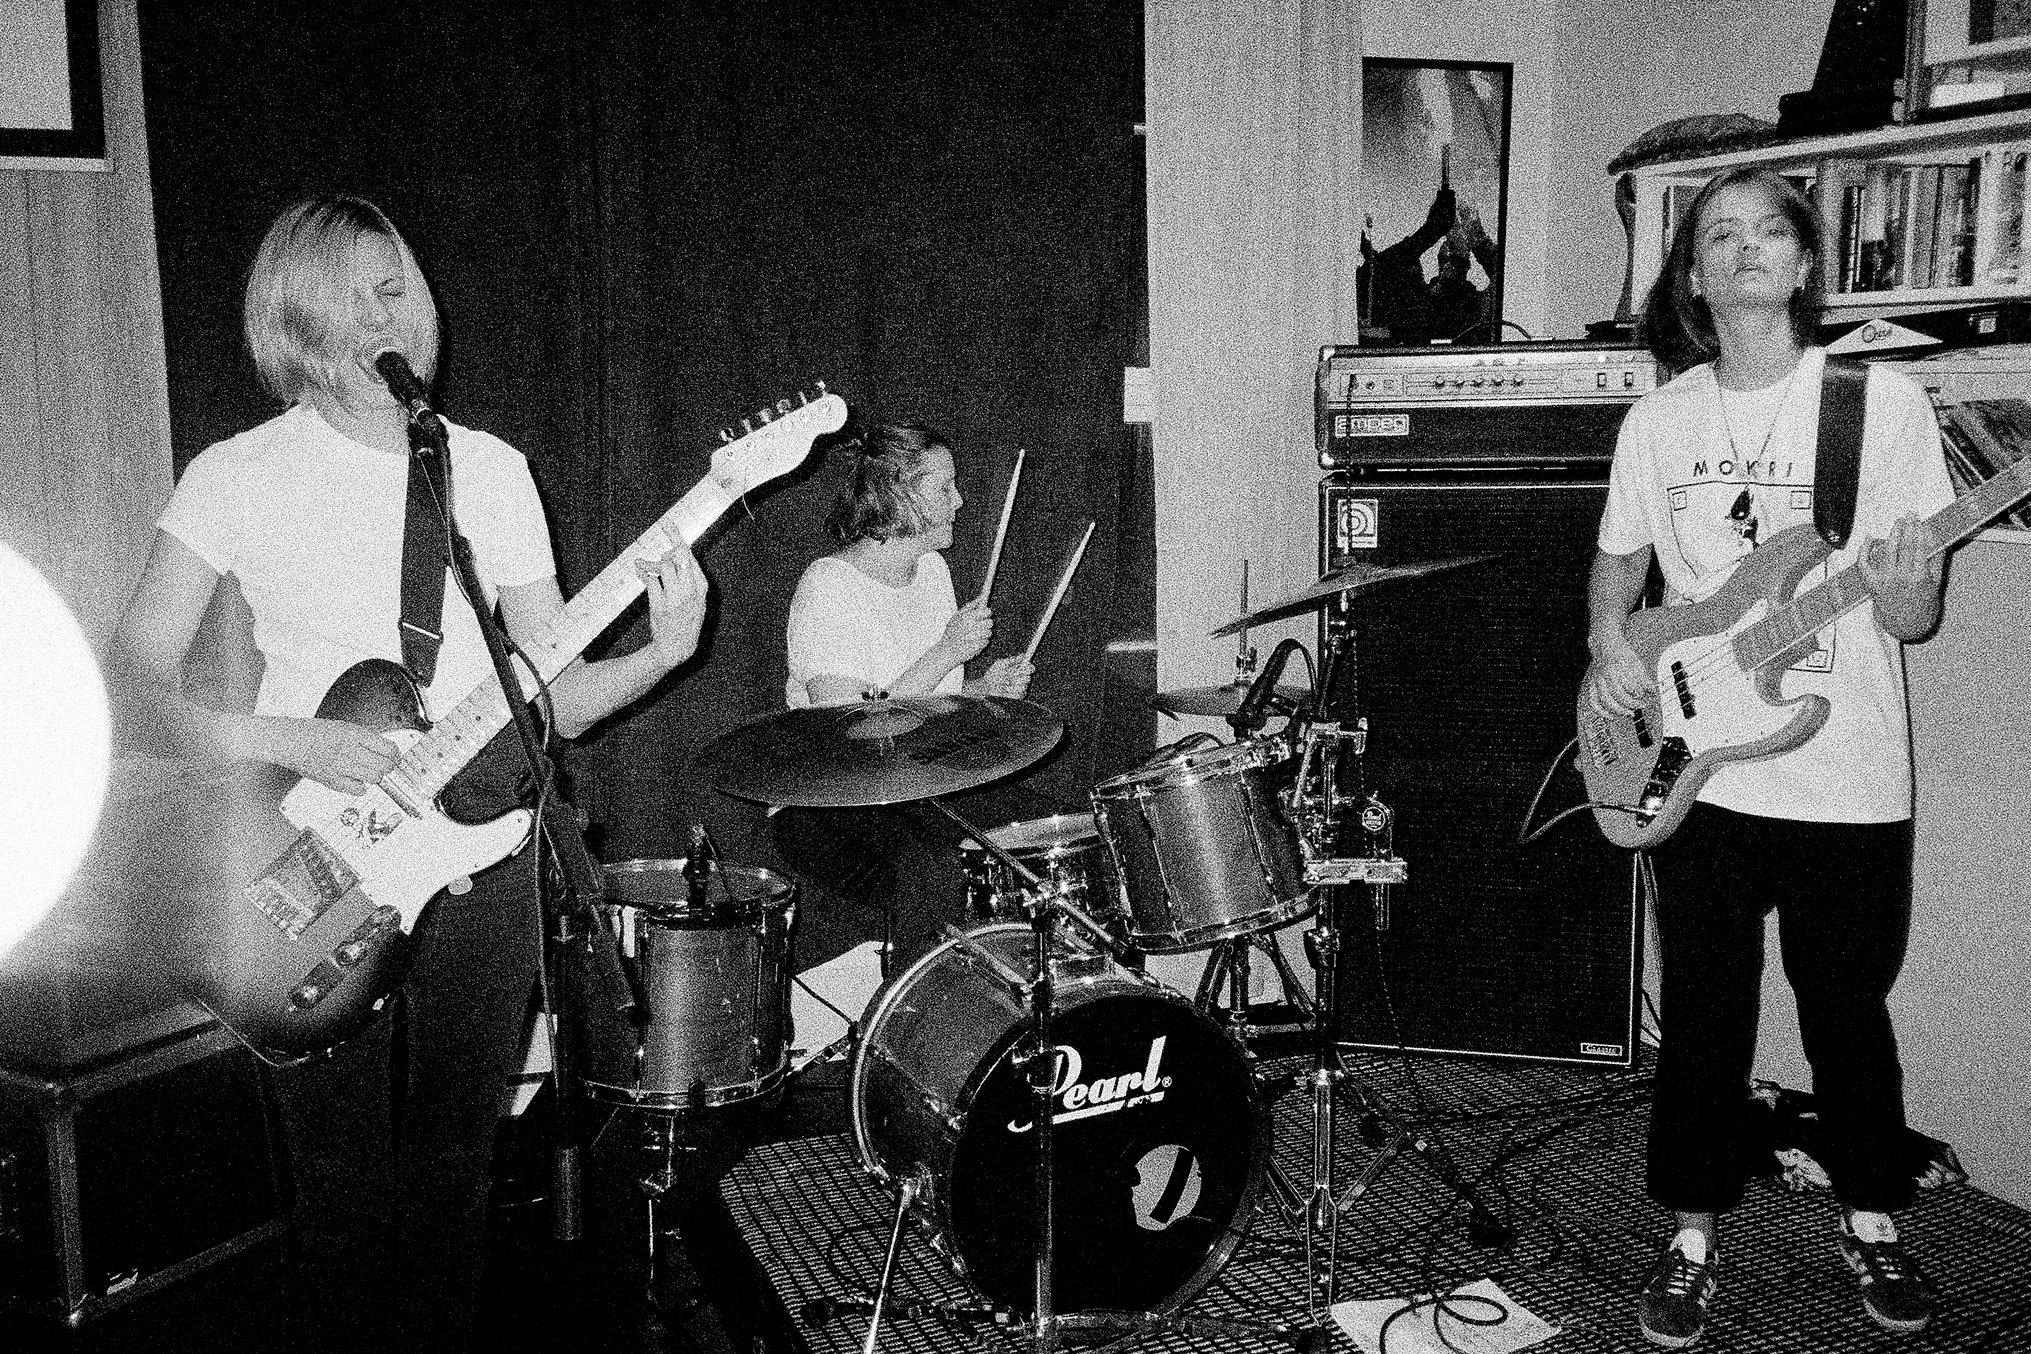 Dark times - Dark Times kom i 2010 ut av intet og satte fyr på Oslos undergrunnsscene med sin unike blanding av aggressiv punk og noiserock tilsatt en insisterende fuzz-ladet popteft. Etter flere EP-utgivelser albumdebuterte trioen i 2014 med